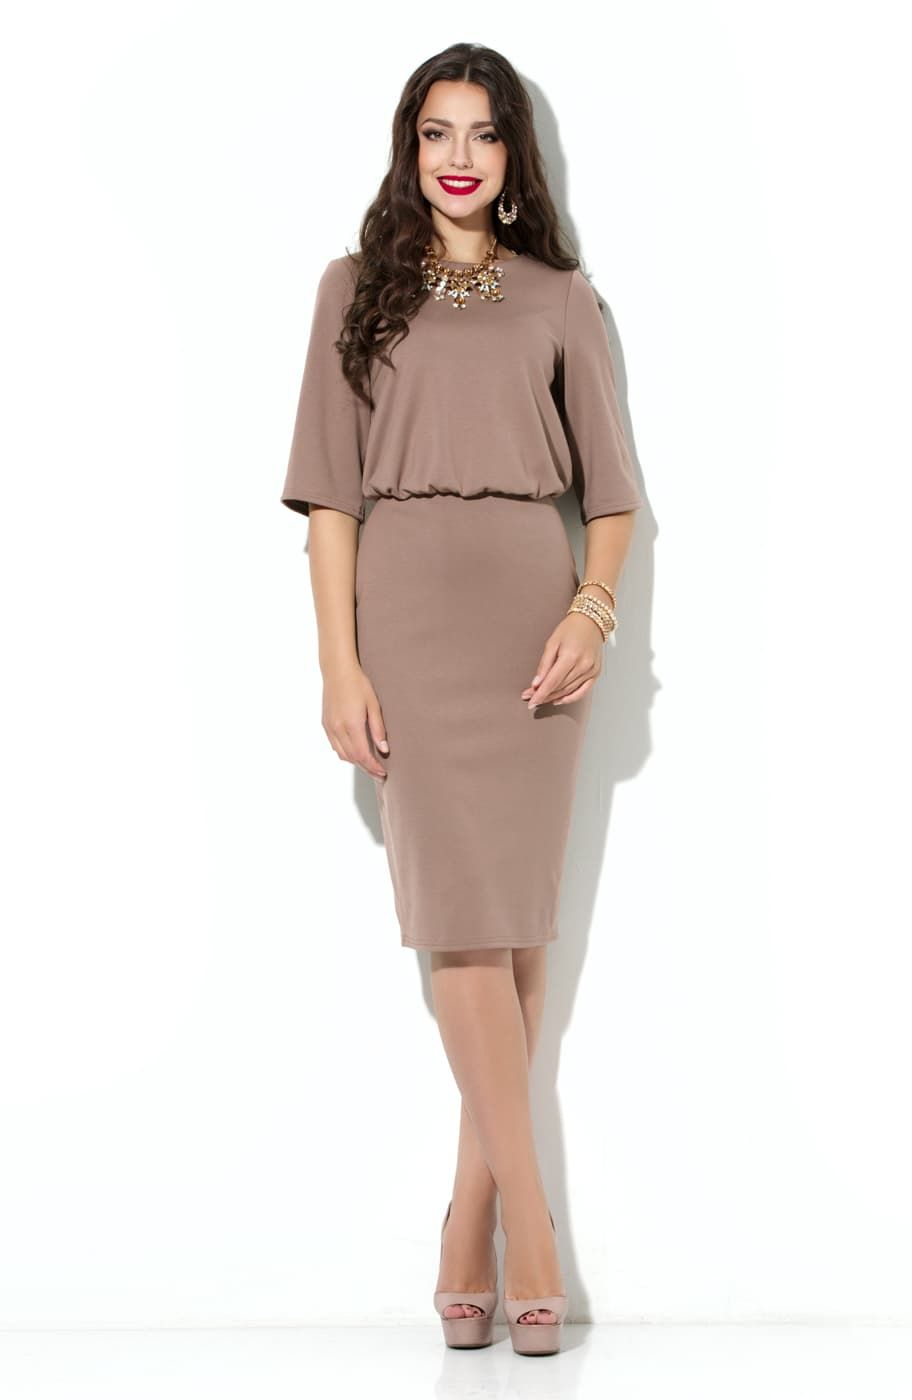 f43d352d918 Платье из джерси Donna-Saggia DSP-199-26t от производителя